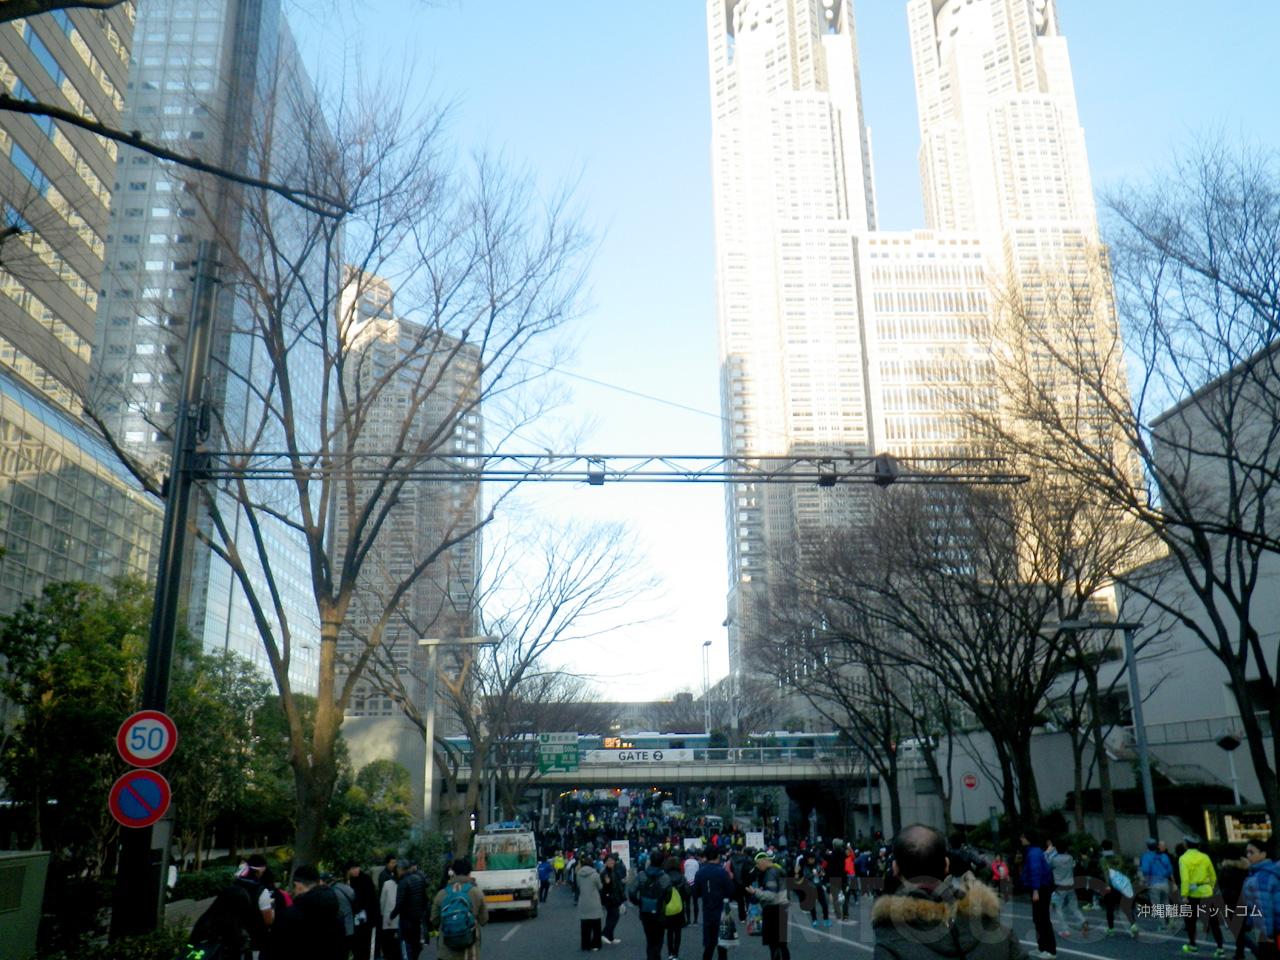 スタート地点の東京都庁前への道